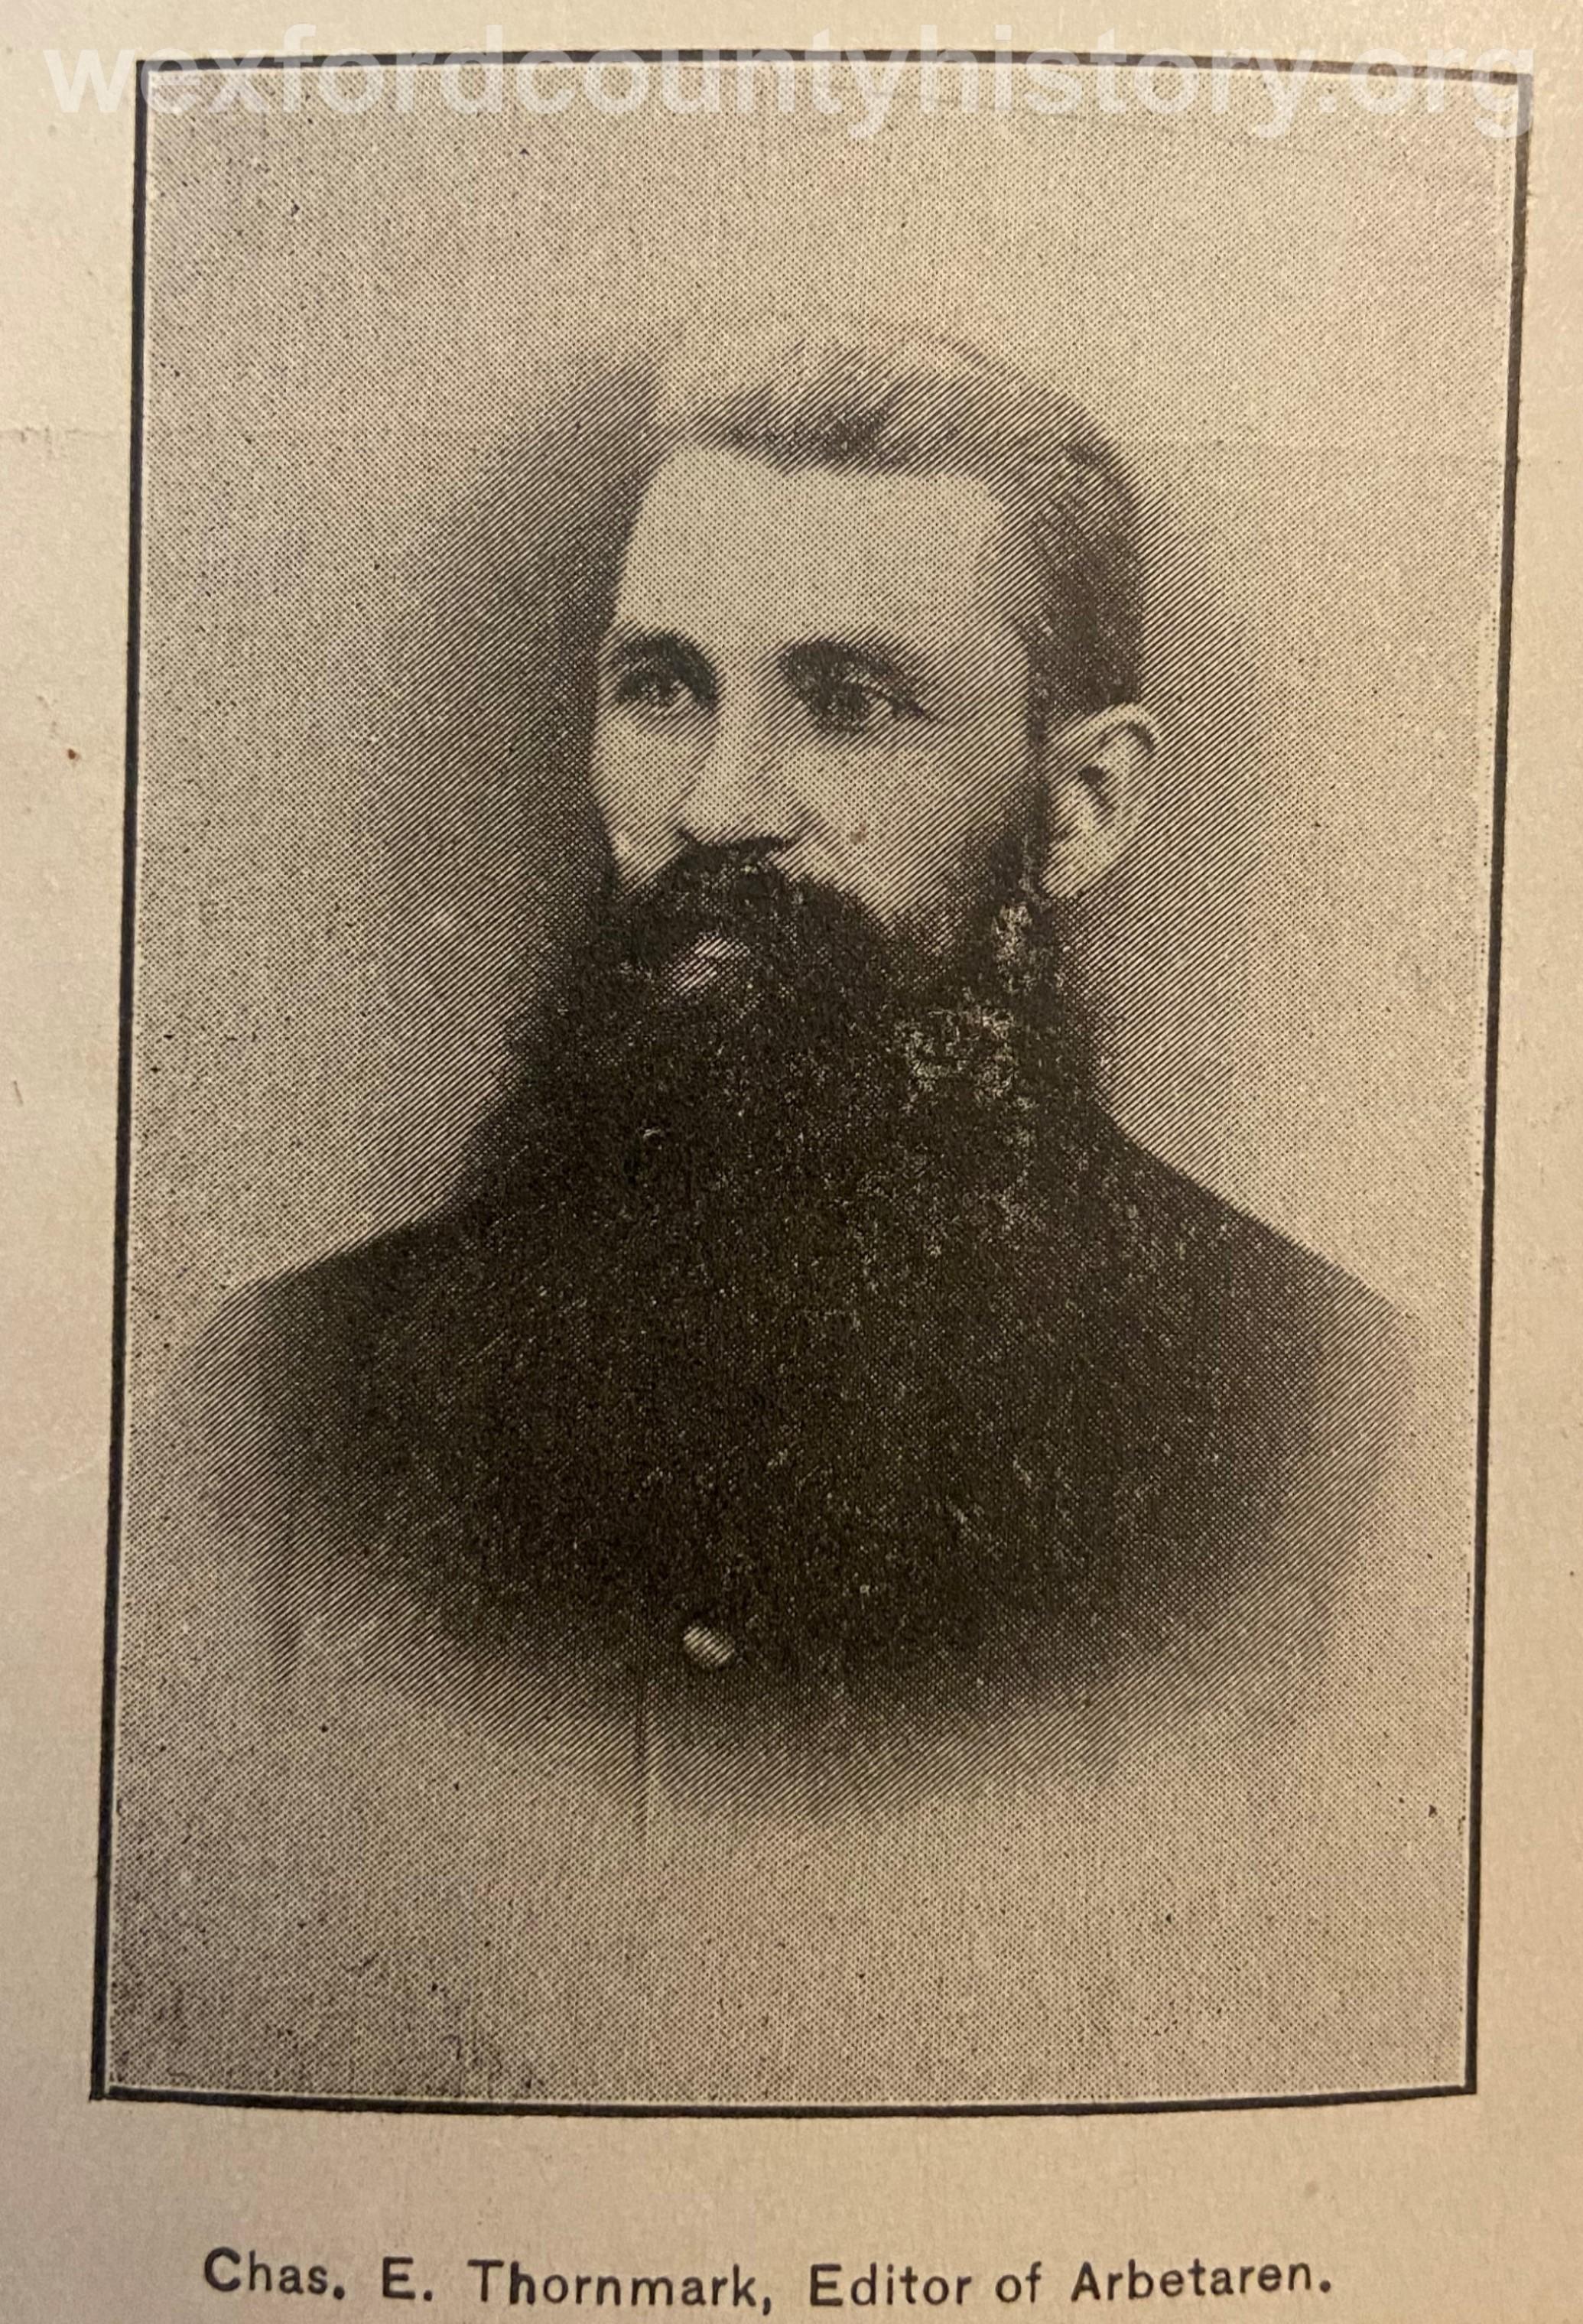 Charles E. Thornmark